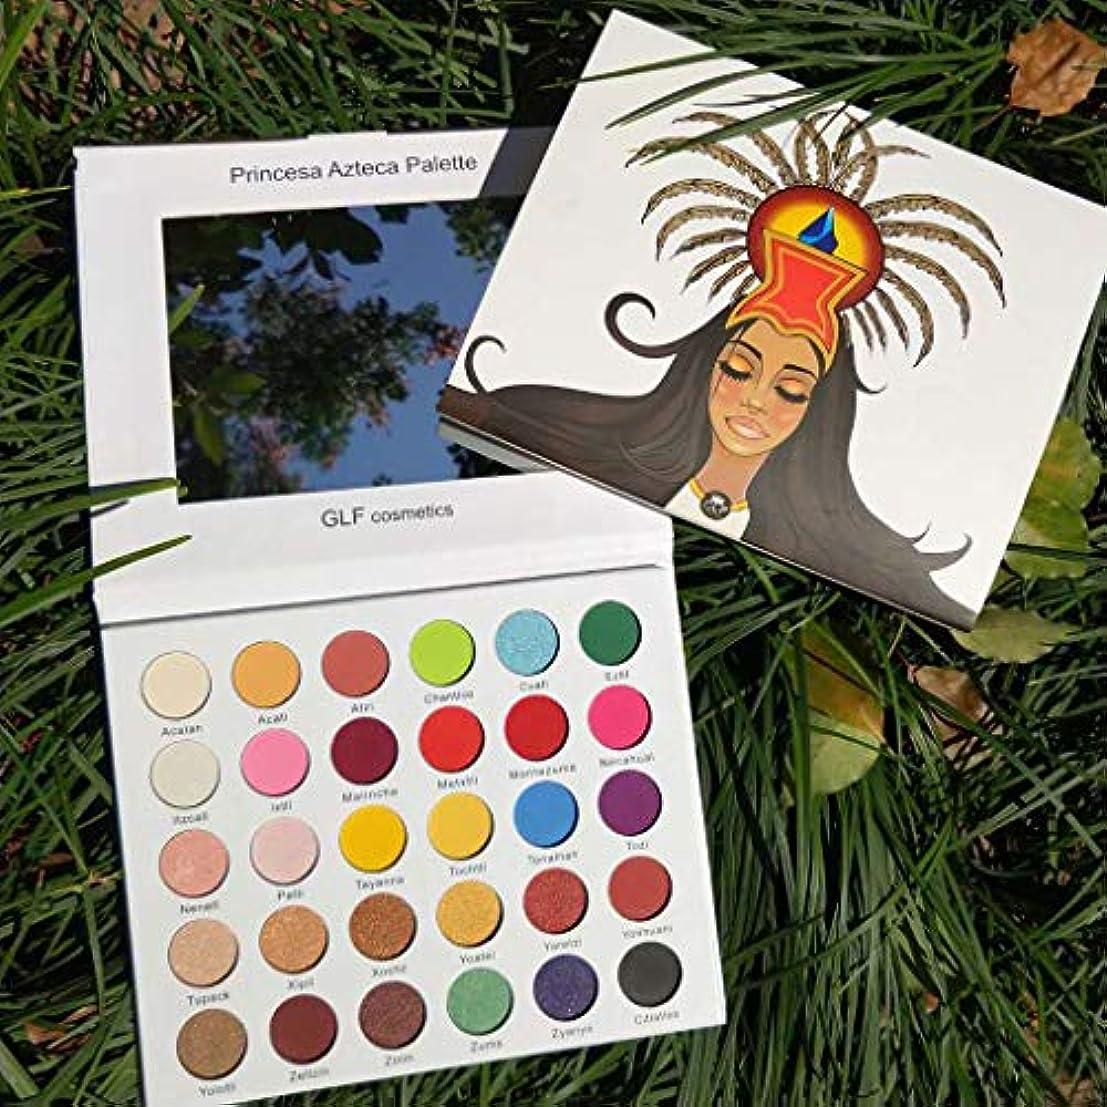 側面ロールインスタンスAkane アイシャドウパレット 超綺麗 アステカの王女 マット ファッション おしゃれ キラキラ つや消し 人気 長持ち 持ち便利 Eye Shadow (30色)